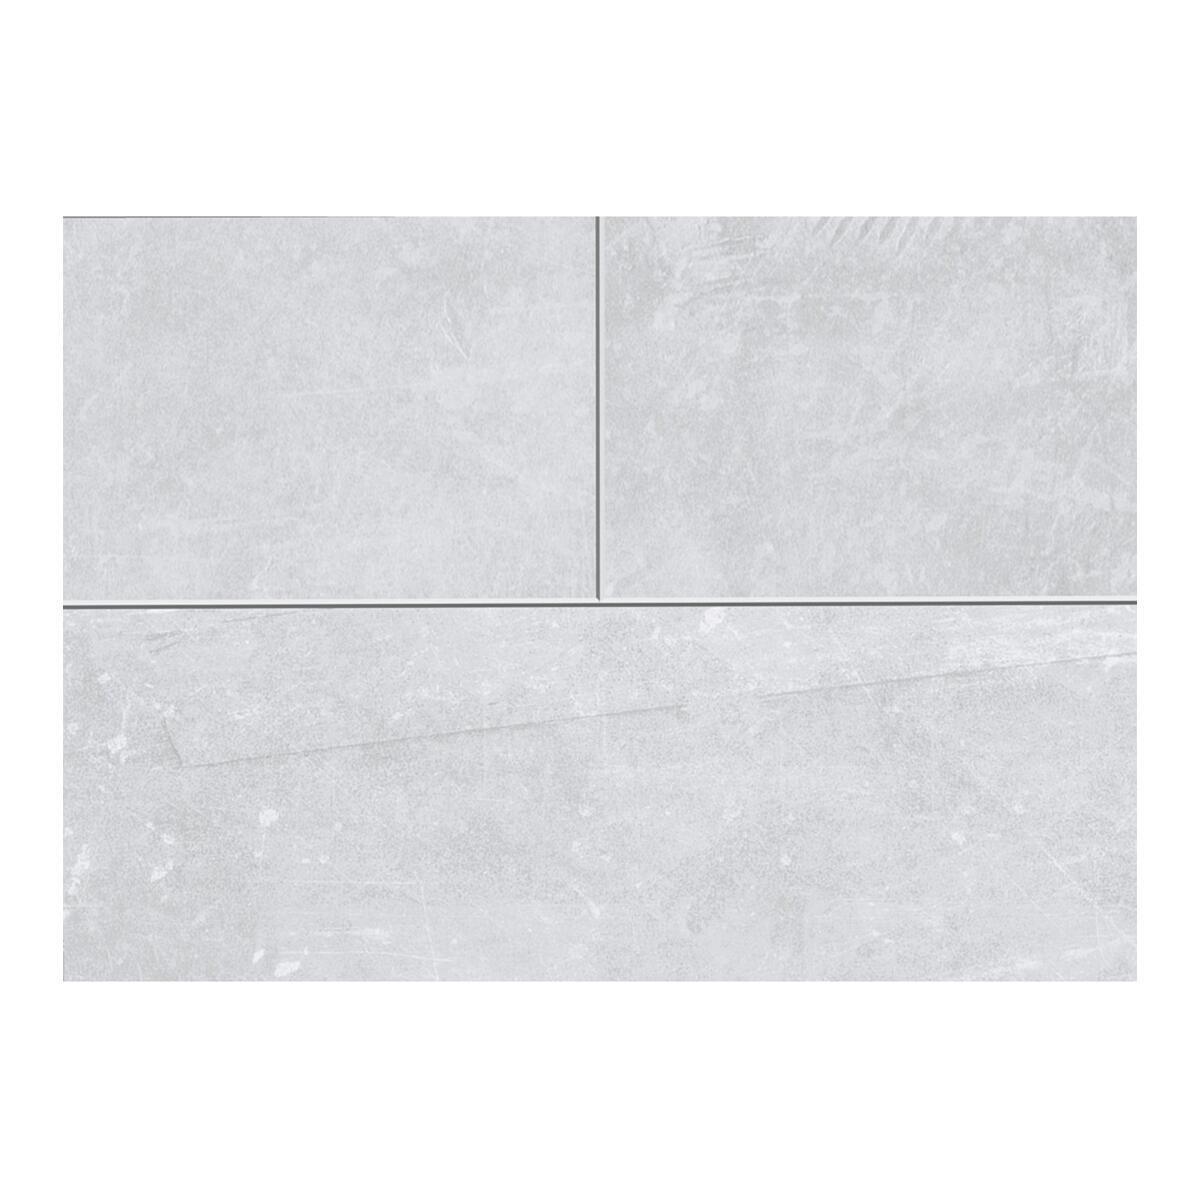 Pavimento SPC flottante clic+ Sp 4 mm grigio / argento - 4